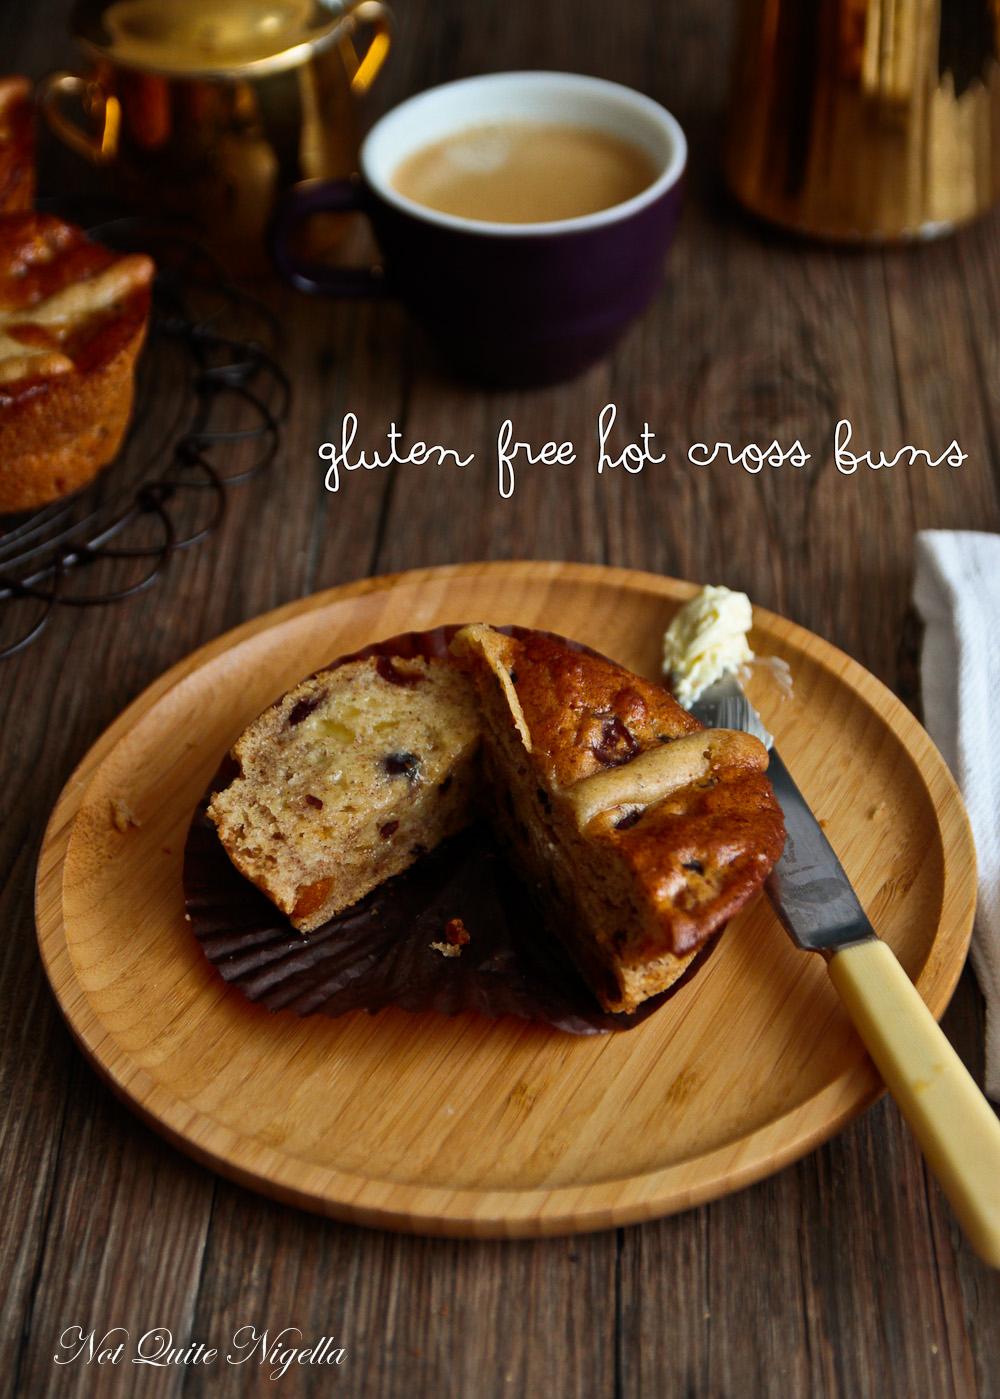 Hot Cross Buns Gluten Free